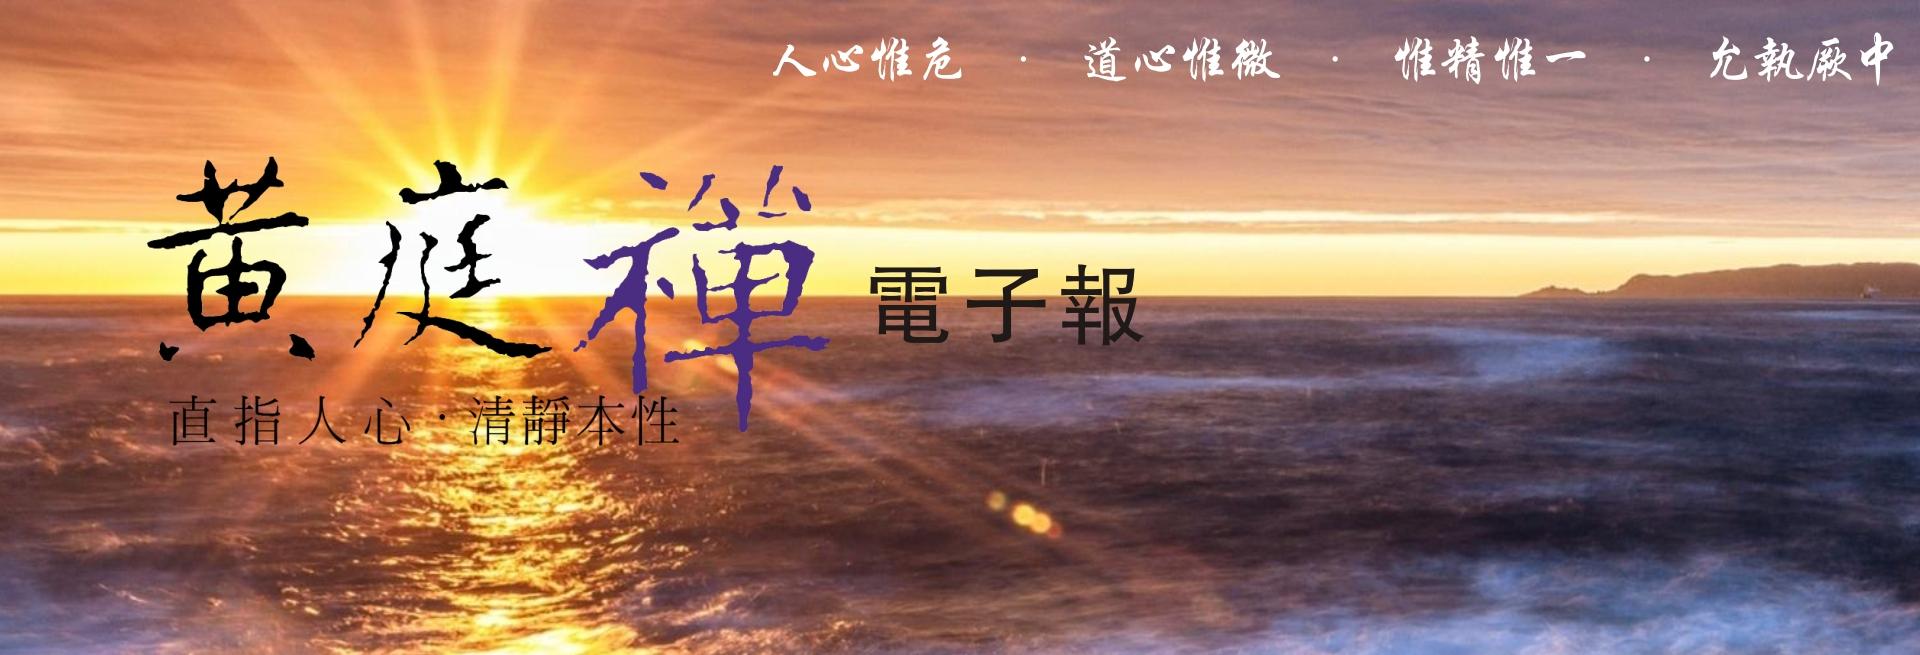 中華黃庭禪學會2020.11.01電子報